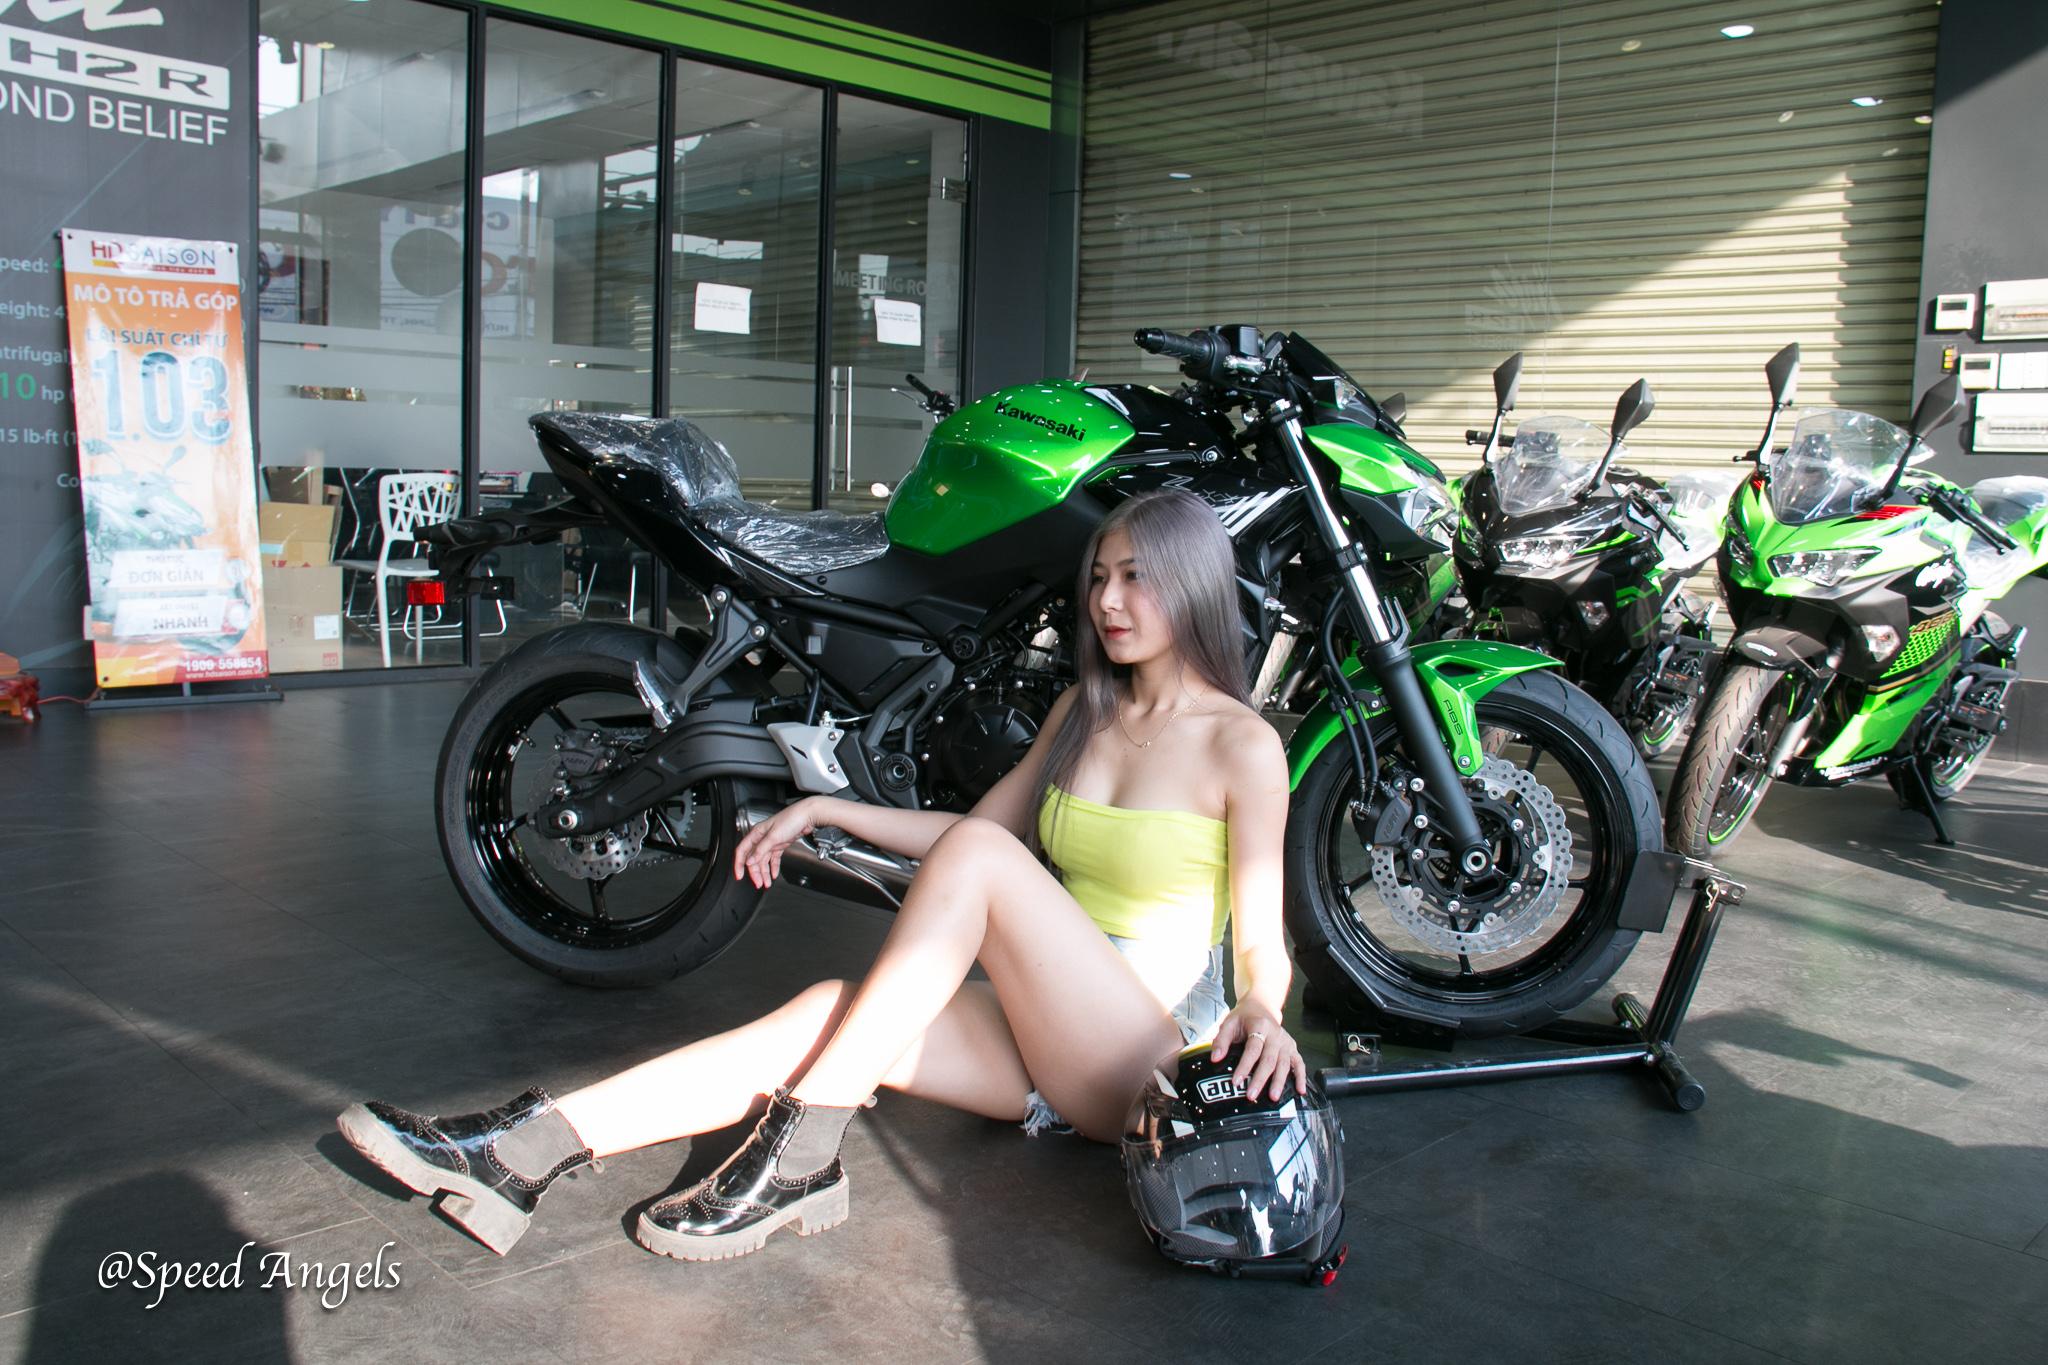 Bộ ảnh Speed Angels Tuệ Nghi đọ dáng cùng cặp đôi Kawasaki Ninja 650 vs Z650